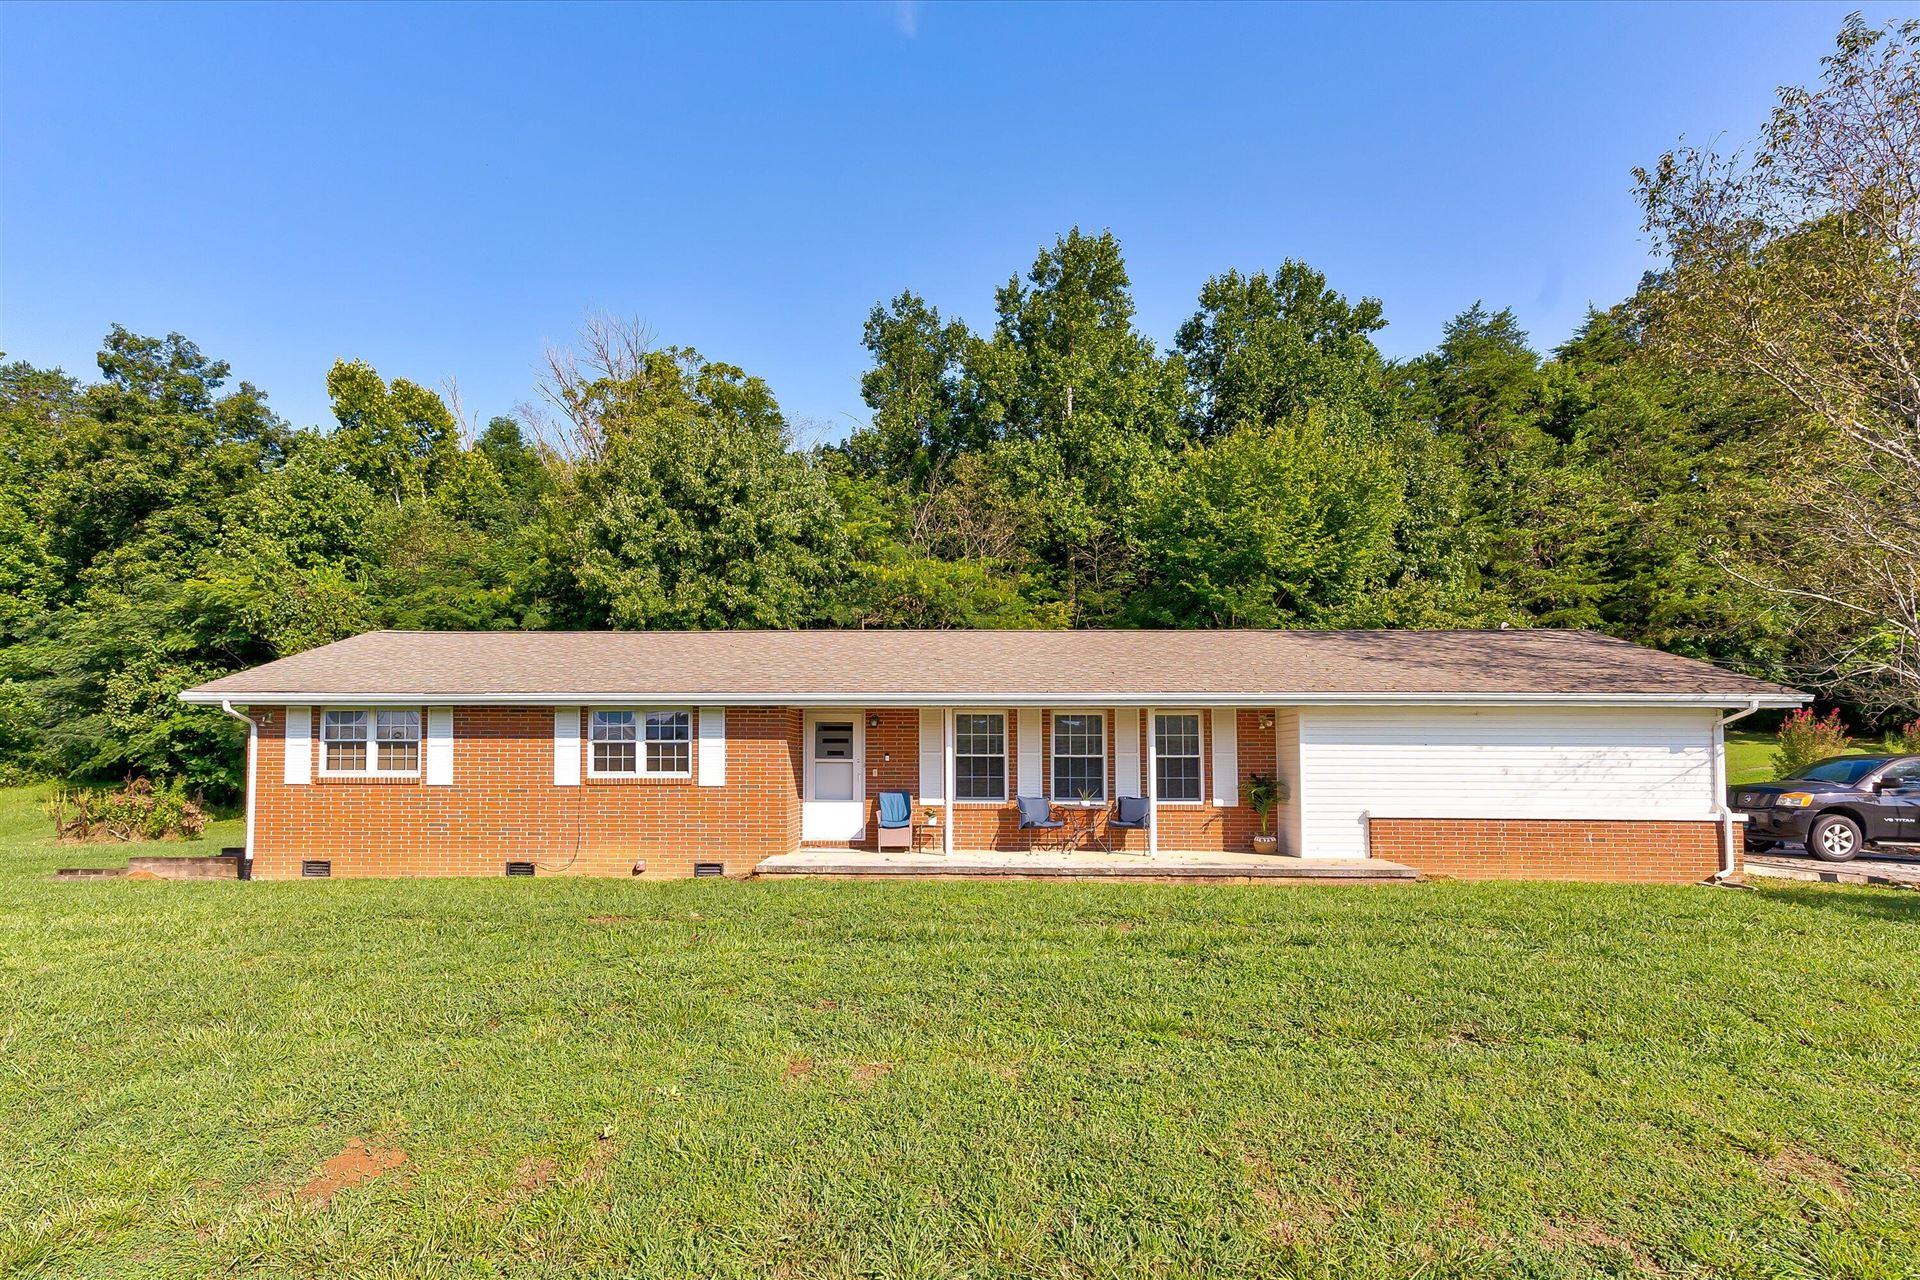 Photo of 4421 Us Highway 411, Maryville, TN 37801 (MLS # 1166569)